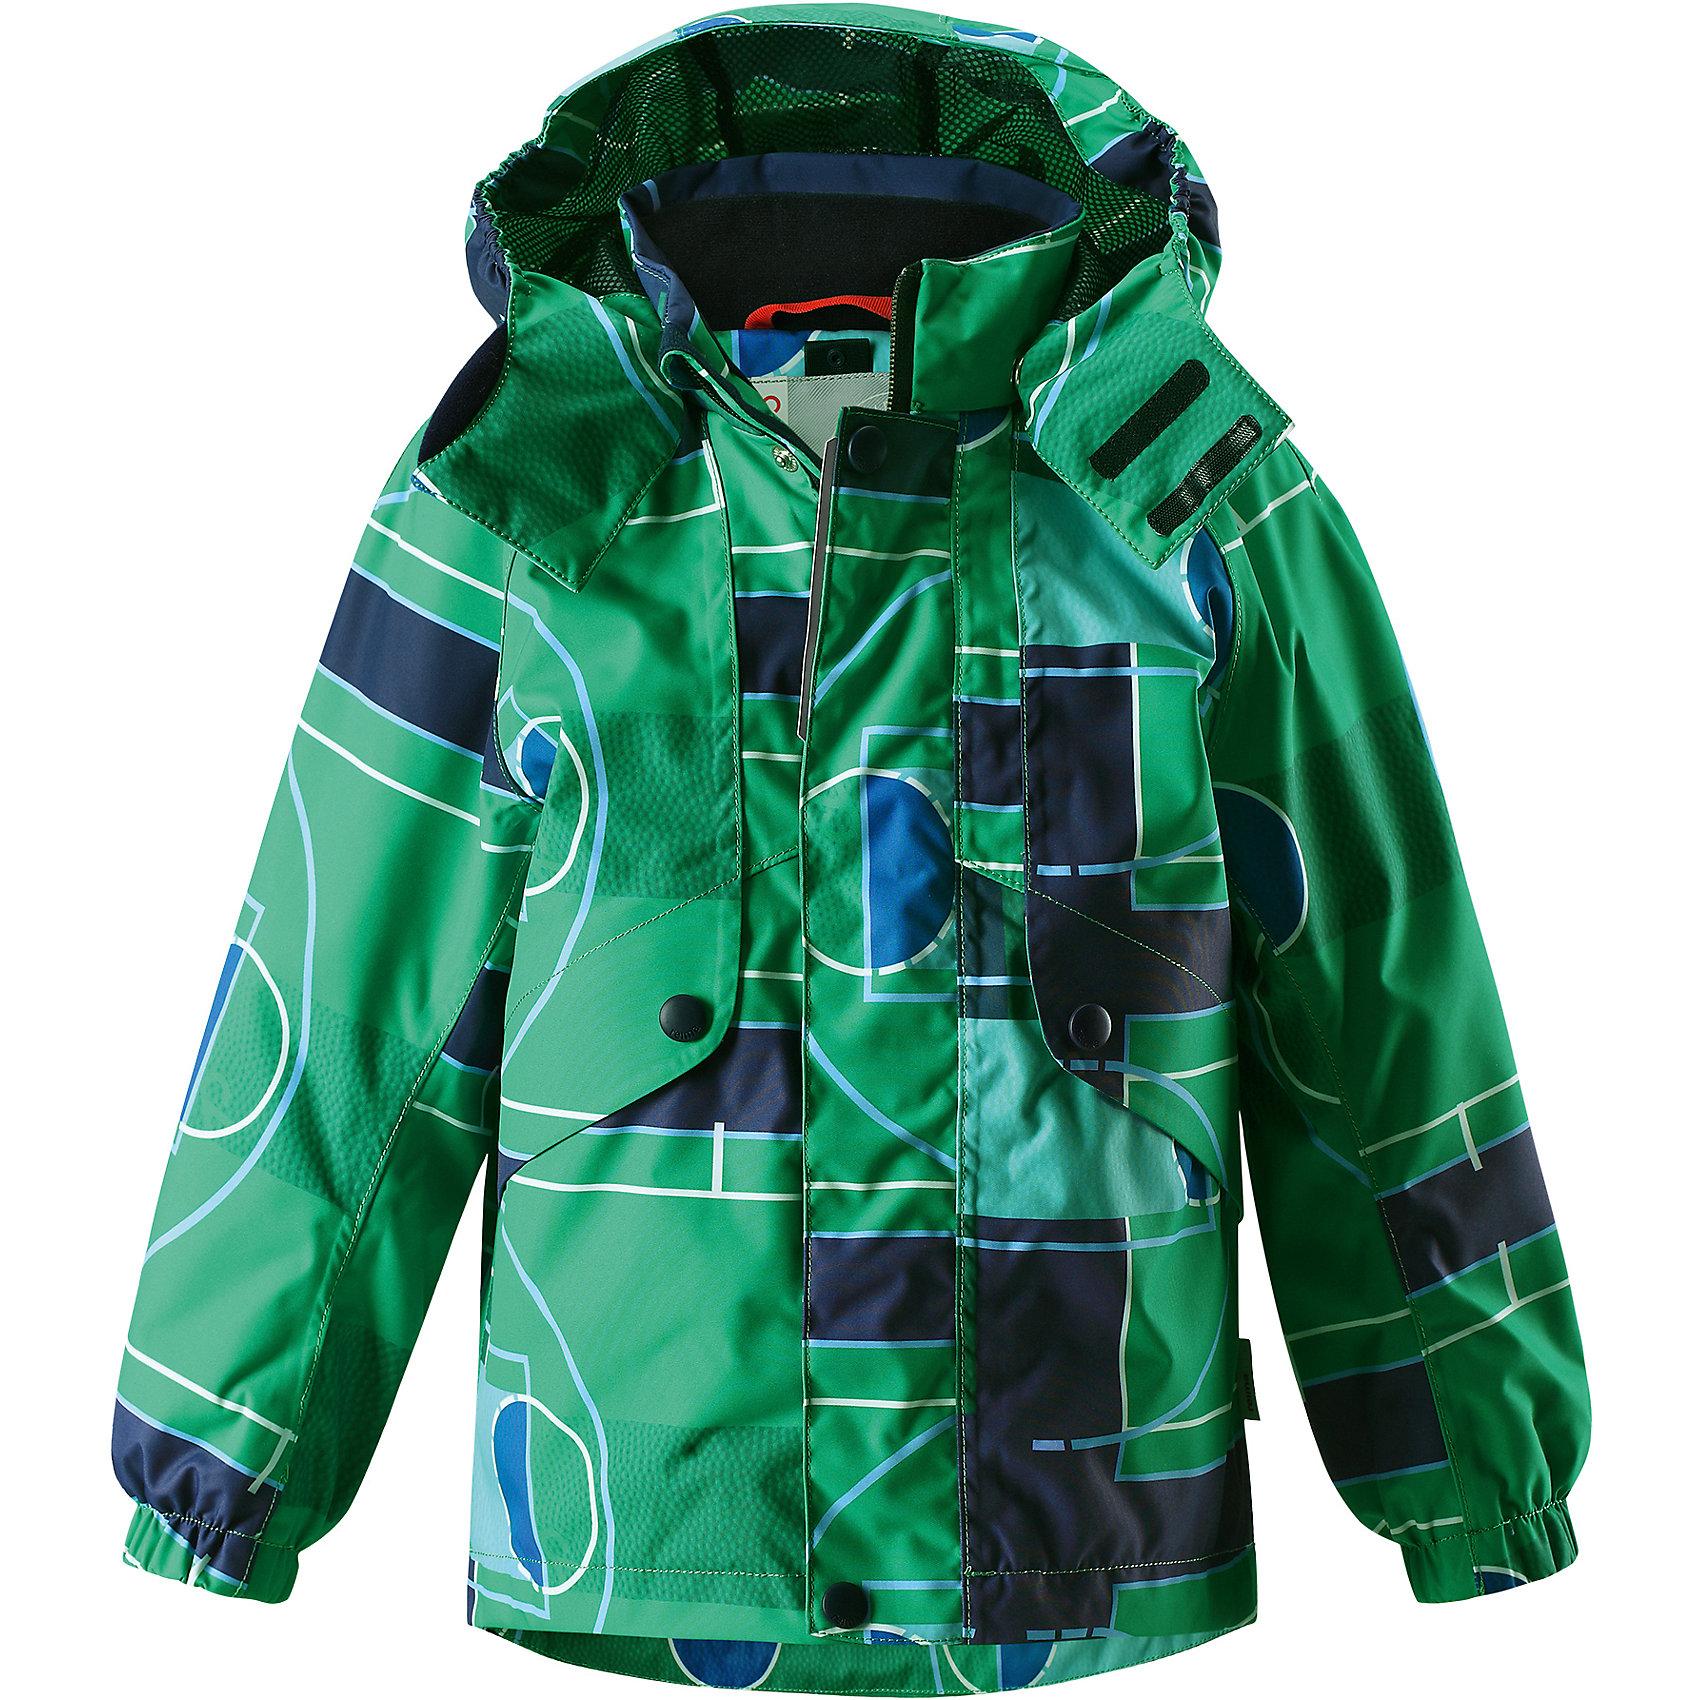 Куртка для мальчика Reimatec® ReimaКуртка  для мальчика от финского бренда Reima.<br>Куртка демисезонная для детей. Все швы проклеены и водонепроницаемы. Водо- и ветронепроницаемый, «дышащий» и грязеотталкивающий материал. Подкладка из mesh-сетки. Безопасный, отстегивающийся и регулируемый капюшон. Эластичные манжеты. Регулируемый подол. Внутренний нагрудный карман. Карманы с клапанами.<br>Состав:<br>100% Полиэстер, полиуретановое покрытие<br><br>Уход:<br>Стирать по отдельности, вывернув наизнанку. Застегнуть молнии и липучки. Стирать моющим средством, не содержащим отбеливающие вещества. Полоскать без специального средства. Во избежание изменения цвета изделие необходимо вынуть из стиральной машинки незамедлительно после окончания программы стирки. Можно сушить в сушильном шкафу или центрифуге (макс. 40° C).<br><br>Ширина мм: 356<br>Глубина мм: 10<br>Высота мм: 245<br>Вес г: 519<br>Цвет: зеленый<br>Возраст от месяцев: 72<br>Возраст до месяцев: 84<br>Пол: Мужской<br>Возраст: Детский<br>Размер: 122,104,110,116,140,134,128<br>SKU: 5270509